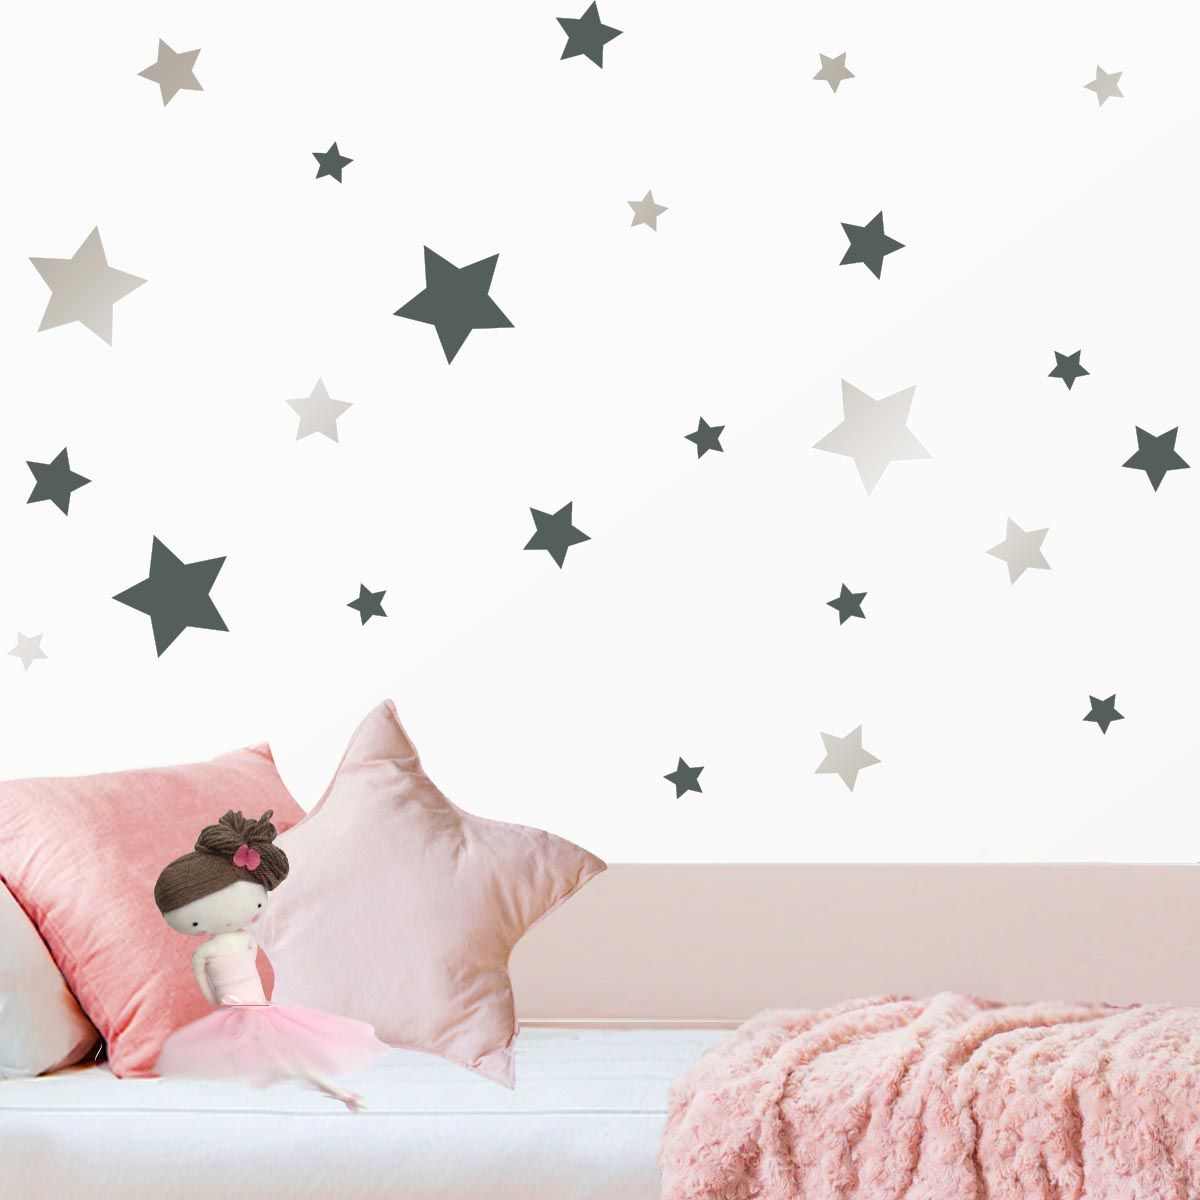 Mágicas ☆ estrellas ☆ de vinilo para la pared de la habitación ...